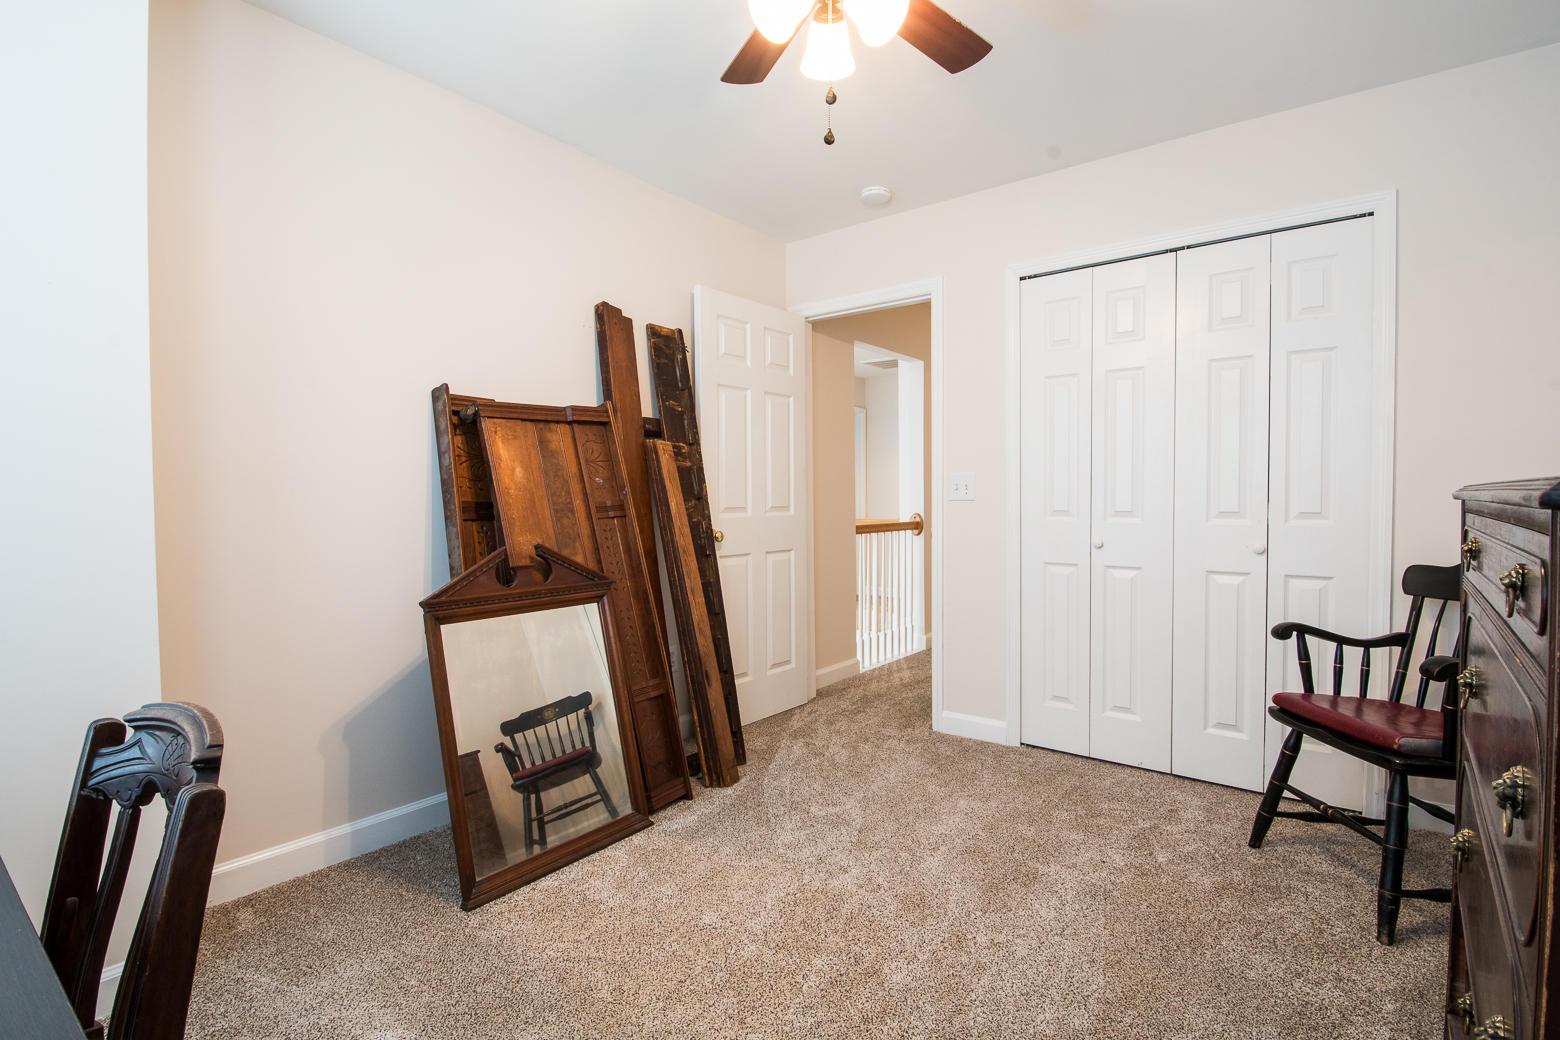 Dunes West Homes For Sale - 1111 Black Rush, Mount Pleasant, SC - 67